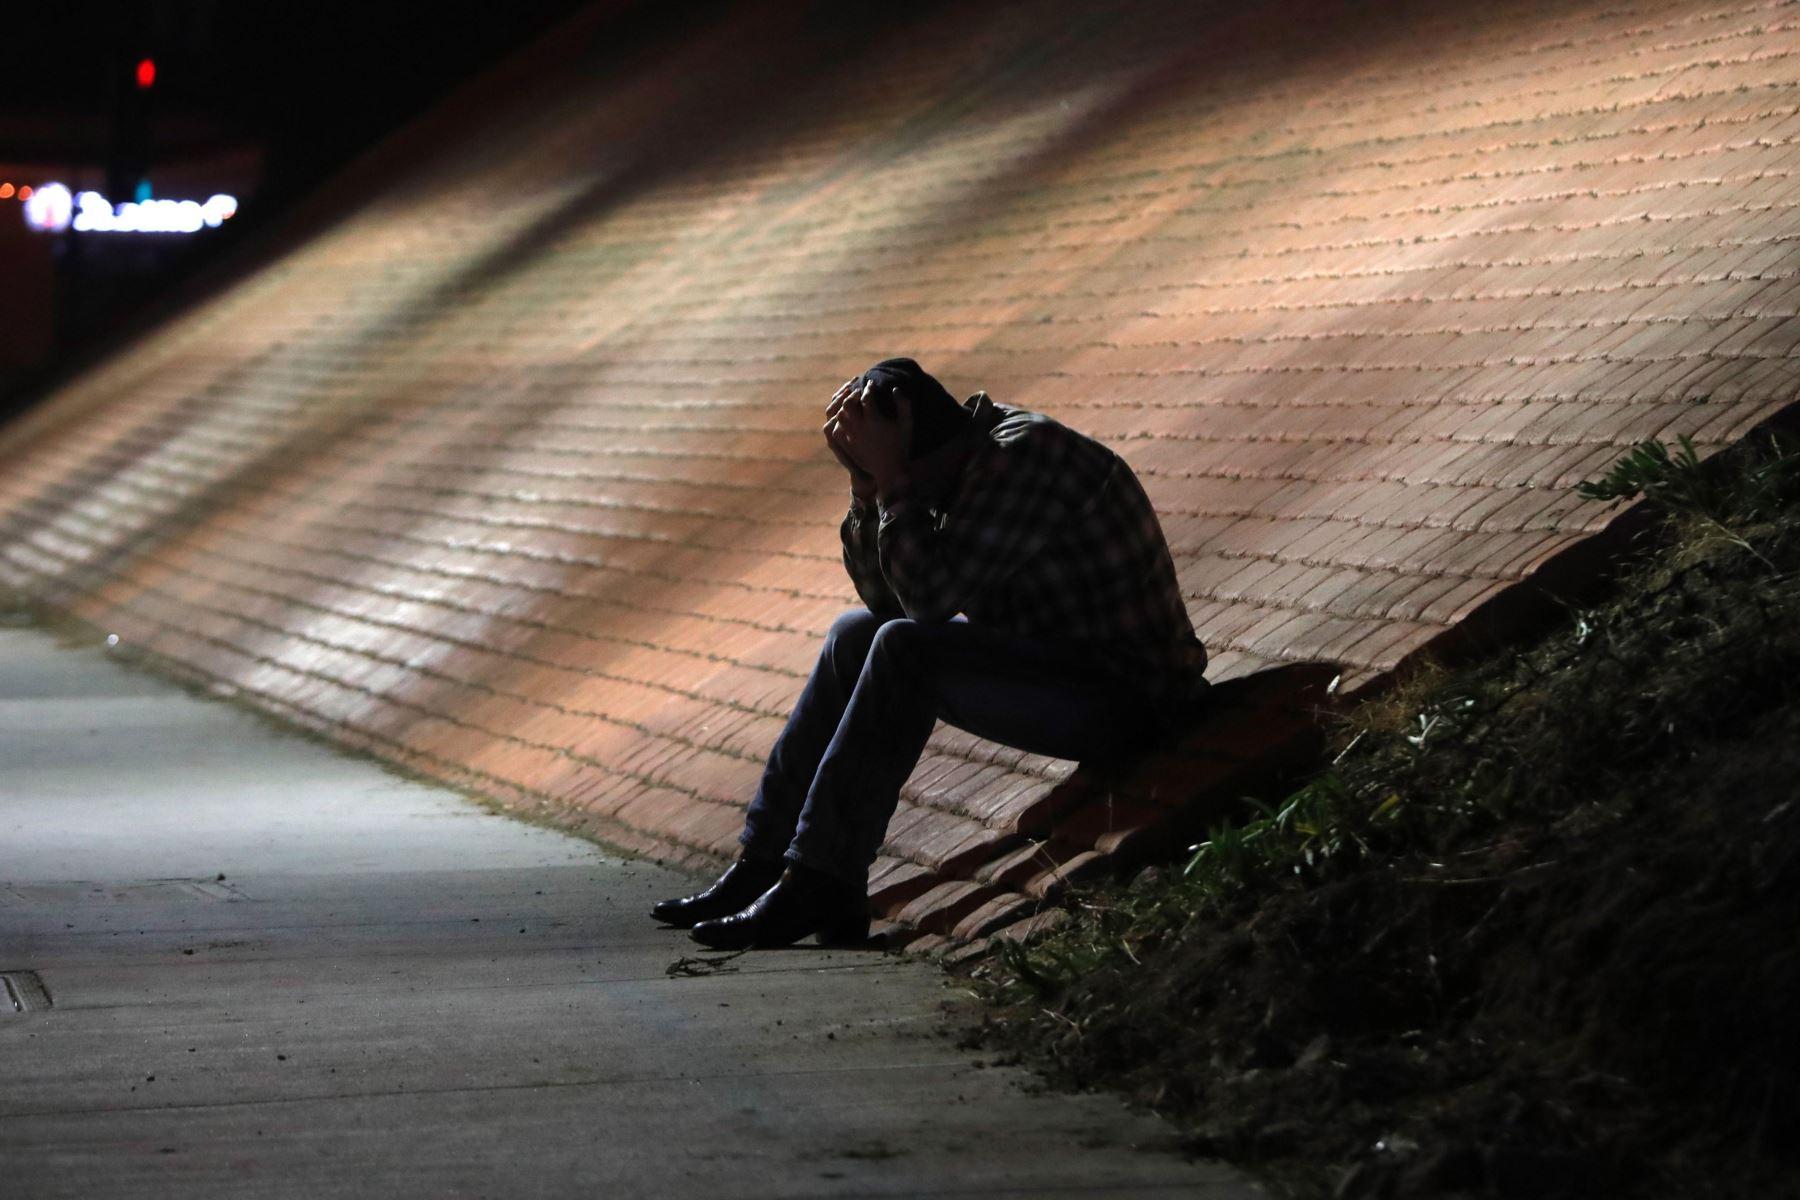 Un hombre se muestra afligido cerca del lugar del tiroteo en el bar Borderline, en la localidad de Thousand Oaks, California, Estados Unidos, hoy 8 de noviembre de 2018. Al menos 12 personas han muerto en este tiroteo perpetrado por un individuo sin identificar, que también ha sido encontrado muerto en el interior del bar. EFE